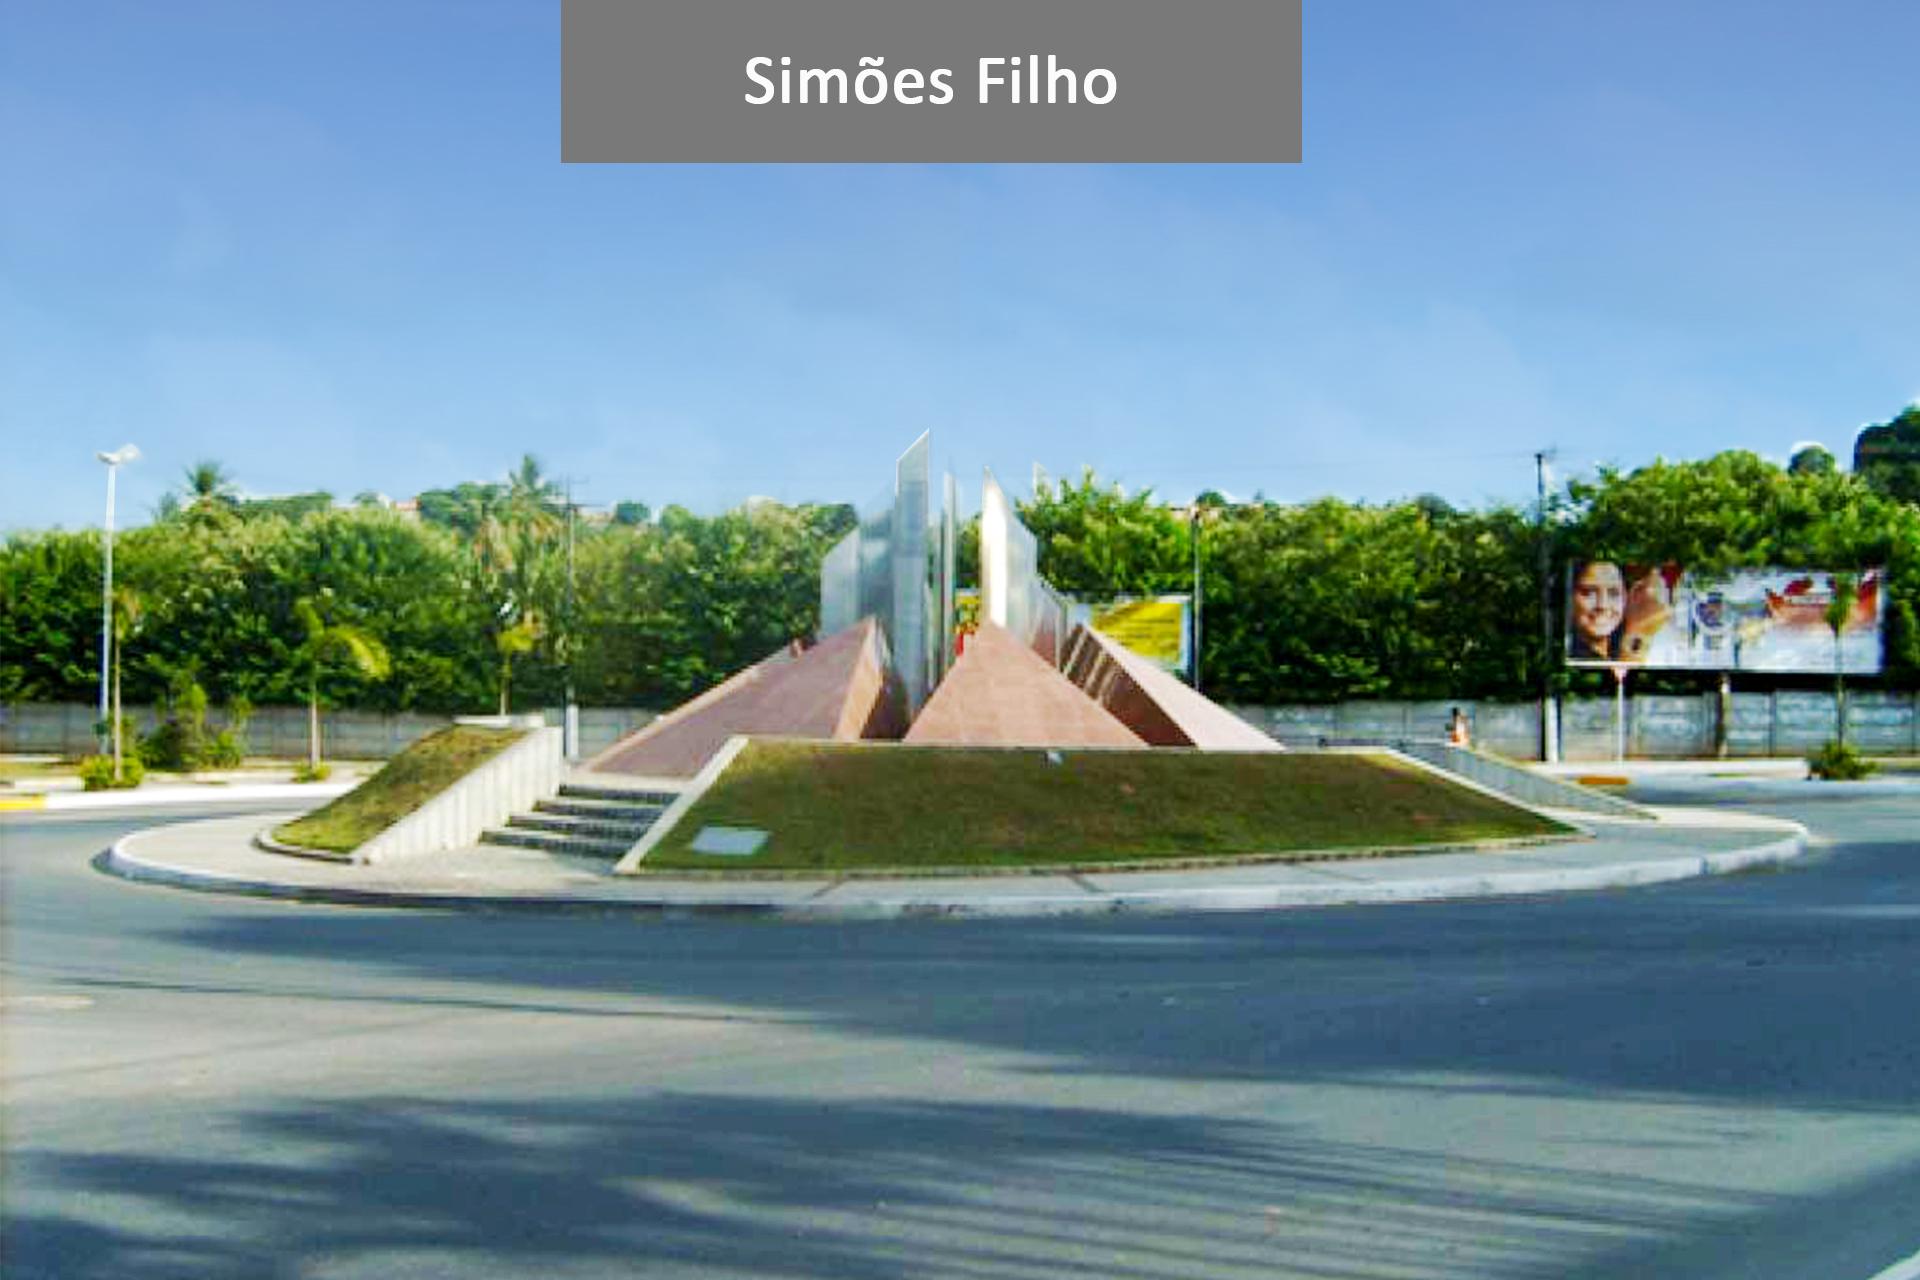 Simoes-Filho